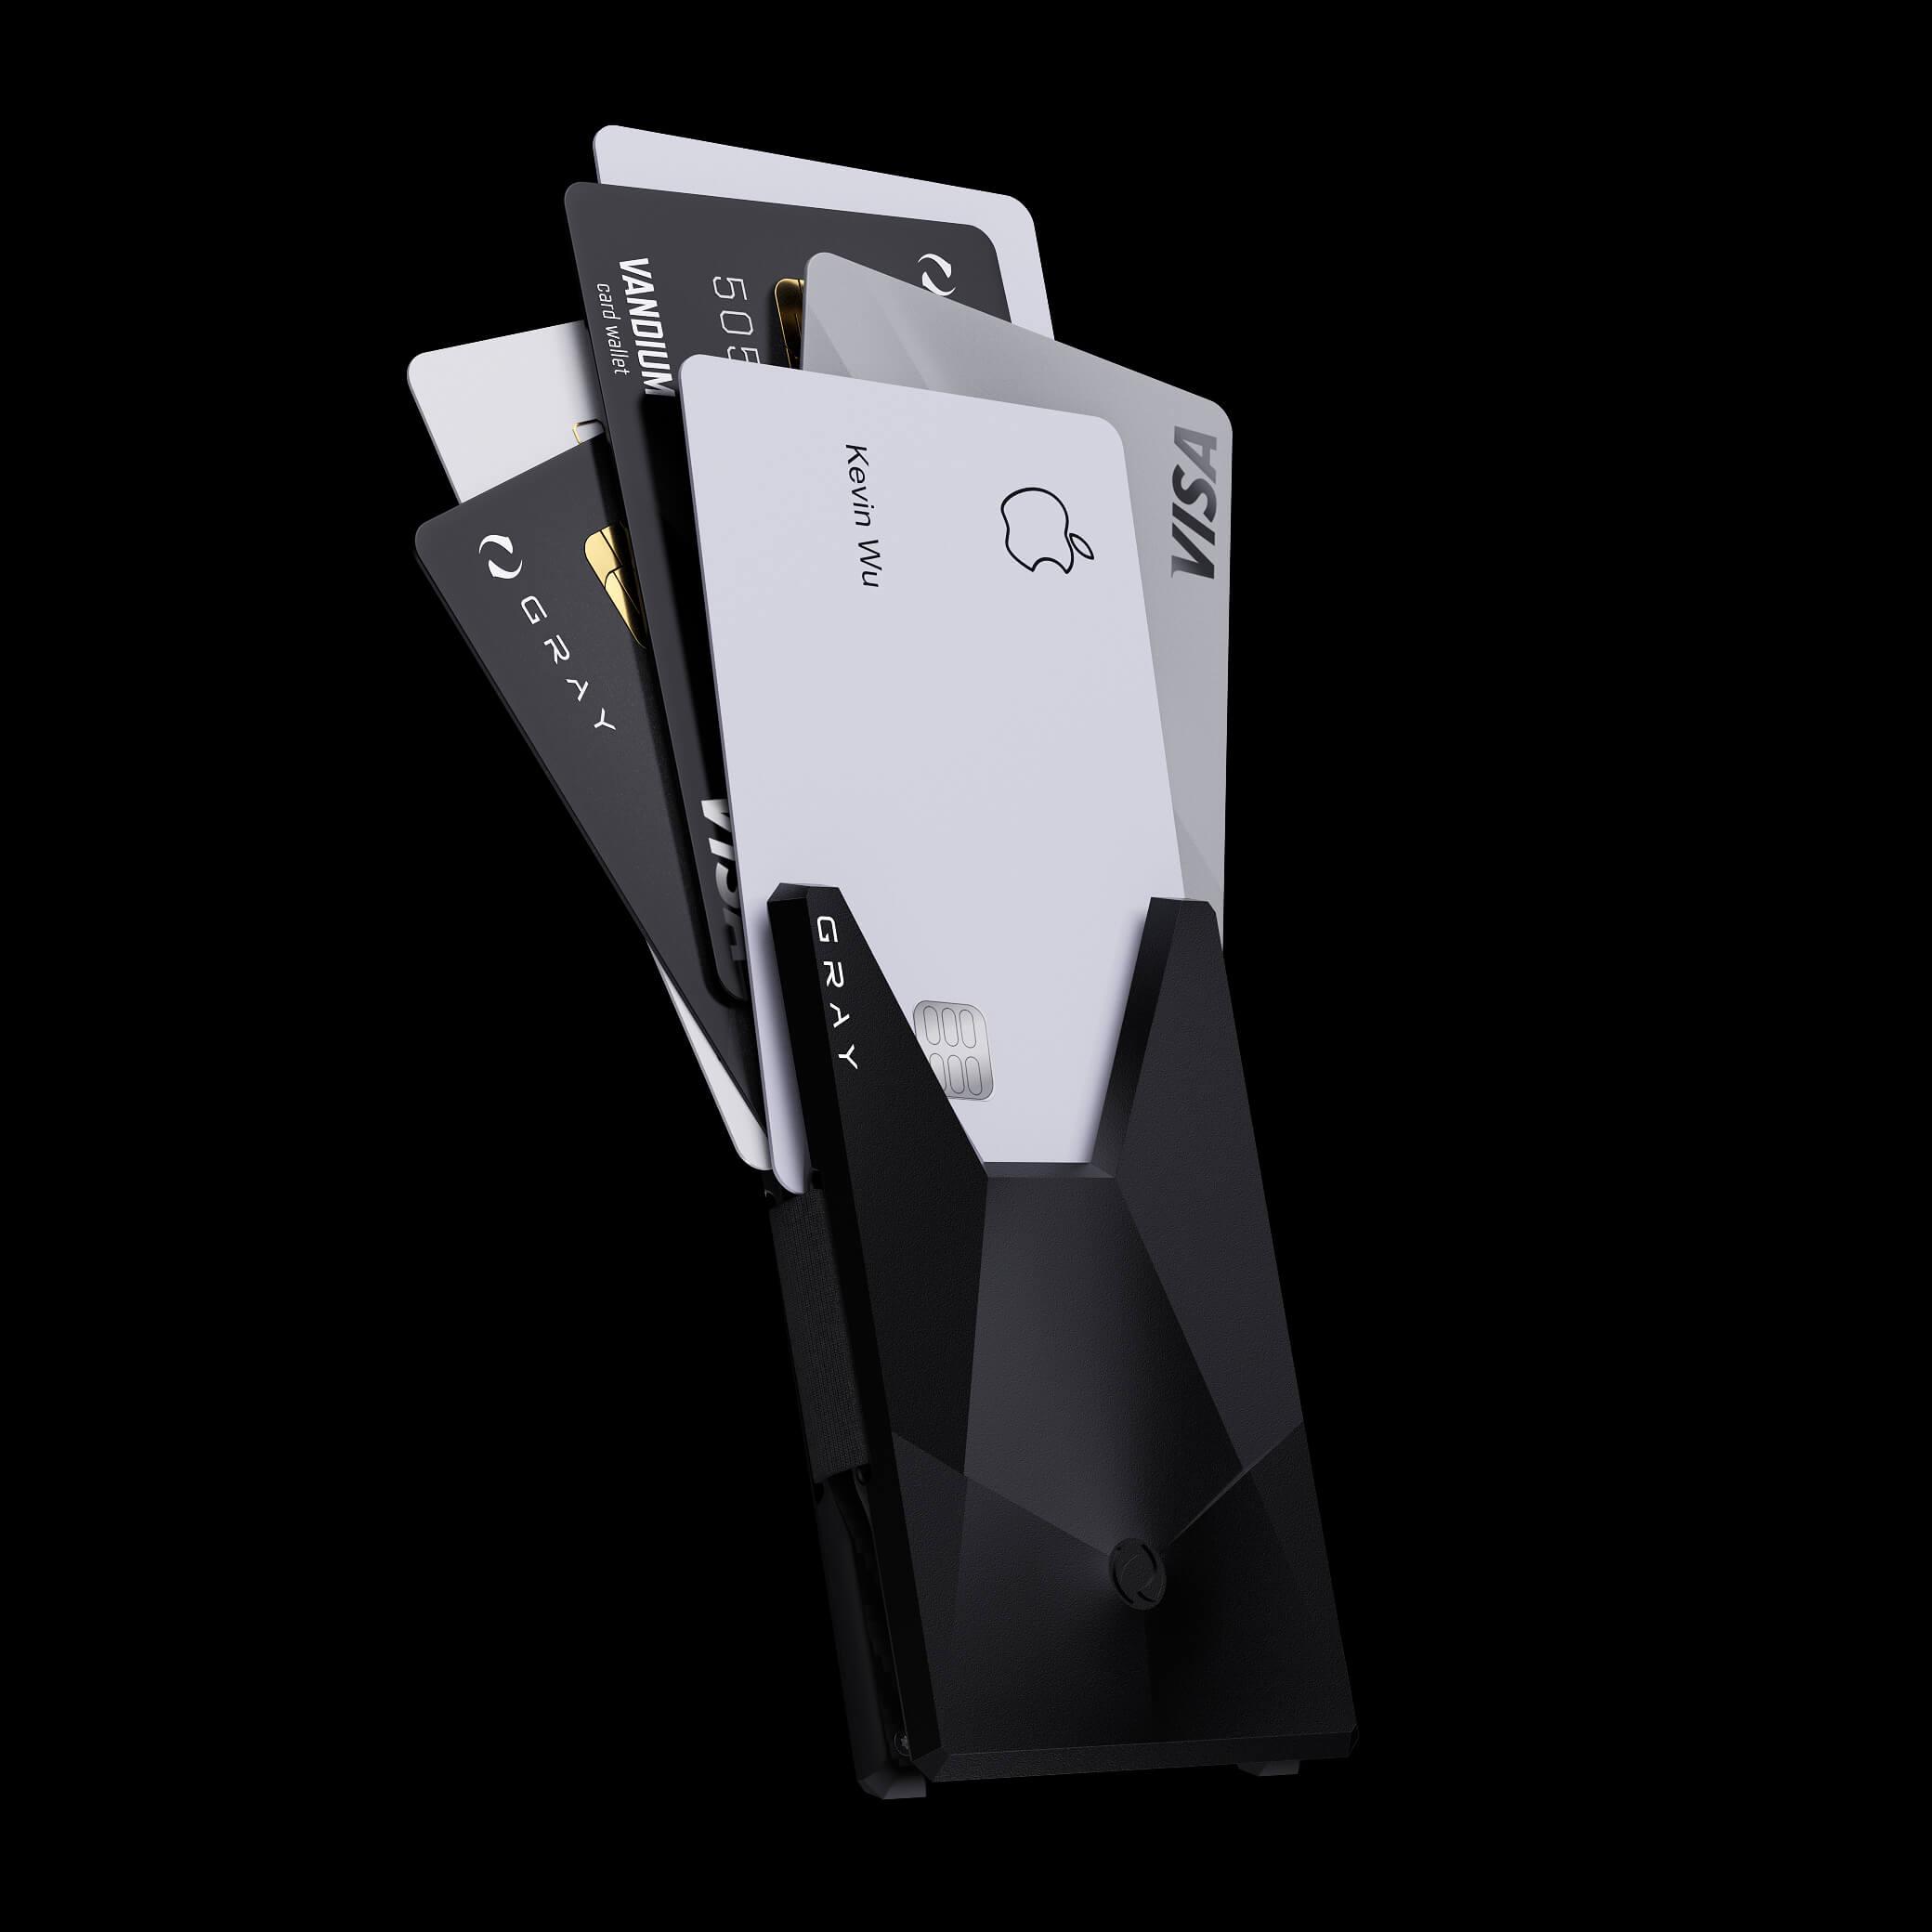 vandium stealth luxury designer aluminium metal card wallet